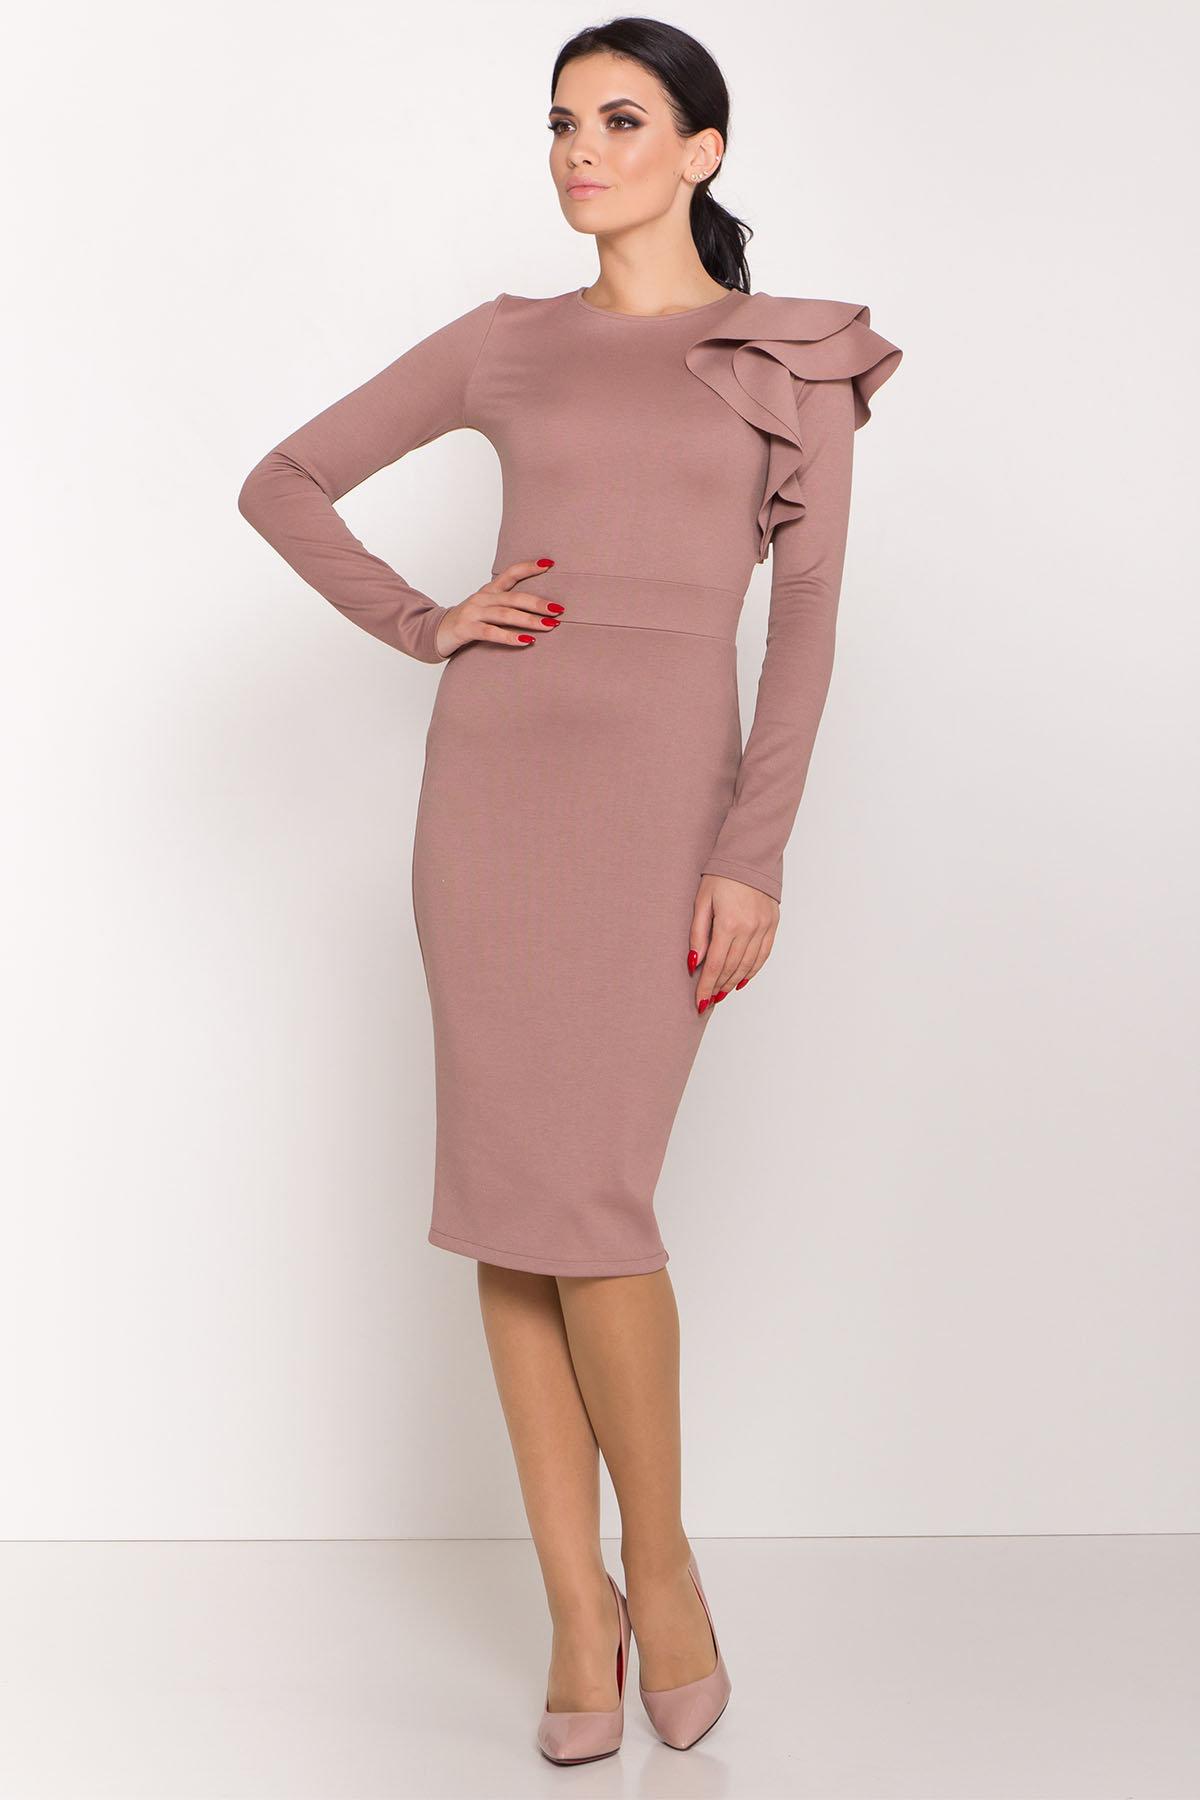 Платье Оникс 8367 АРТ. 44795 Цвет: Бежевый Темный - фото 2, интернет магазин tm-modus.ru